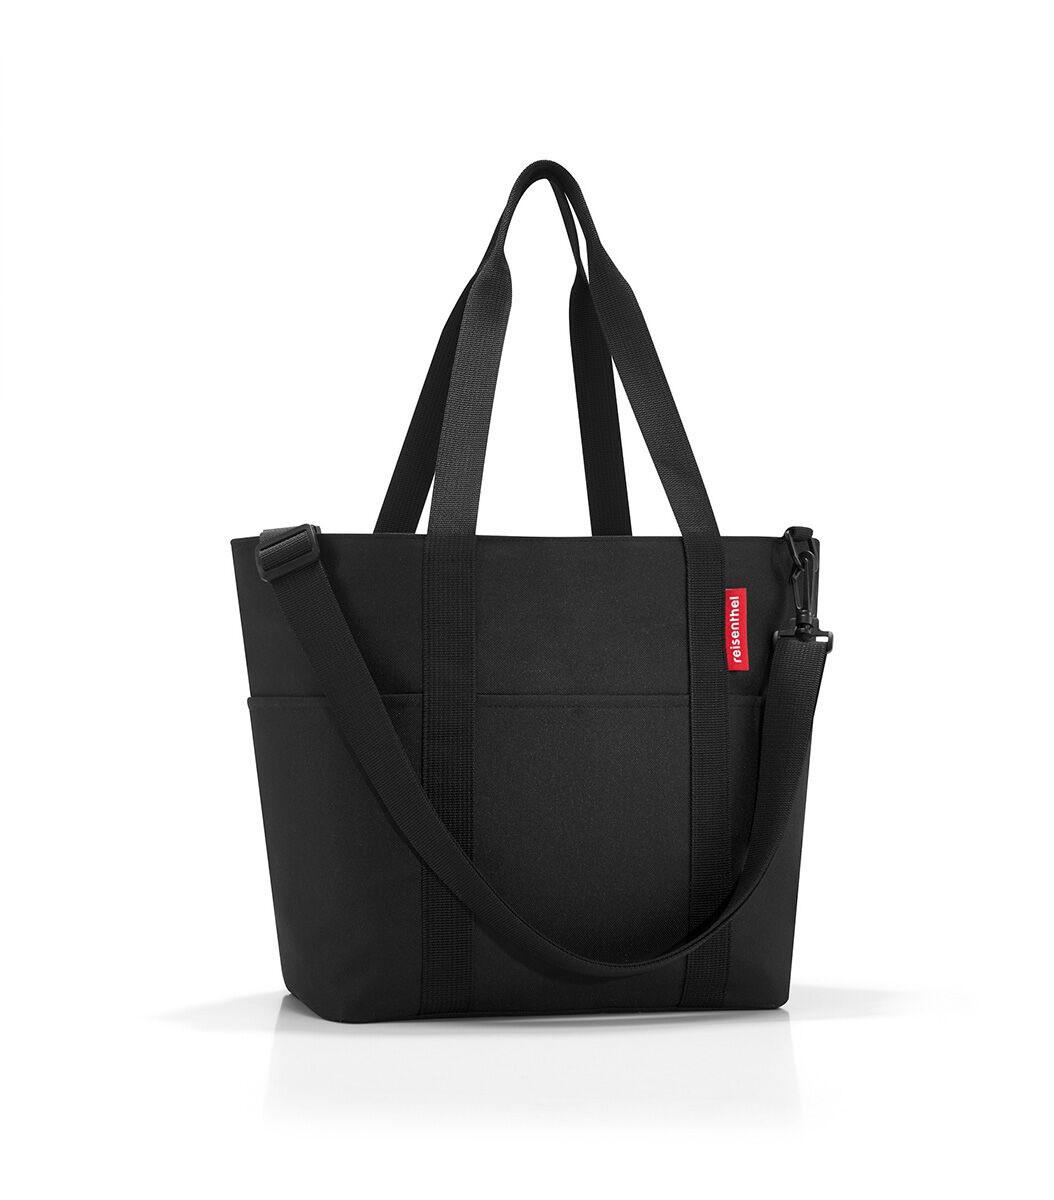 Сумка-шоппер жен. Reisenthel, цвет: черный. MZ7003MZ7003Универсальная сумка для прогулок, пикника или шоппинга. Продуманный дизайн сочетает внешнюю привлекательность и исключительную практичность. Изобилие карманов и отделений помогает держать в порядке даже большое количество разнообразных вещей. - вместительное основное отделение на молнии; - 2 удобные ручки для переноски; - съемный регулируемый наплечный ремень; - 4 внешних и 6 внутренних отделения. - небольшой потайной карман, вшитый в подкладку; - подкладка на дне, обеспечивающая прочность и стойкую форму; - материал: высококачественный водостойкий полиэстер; - объем – 15 литров.